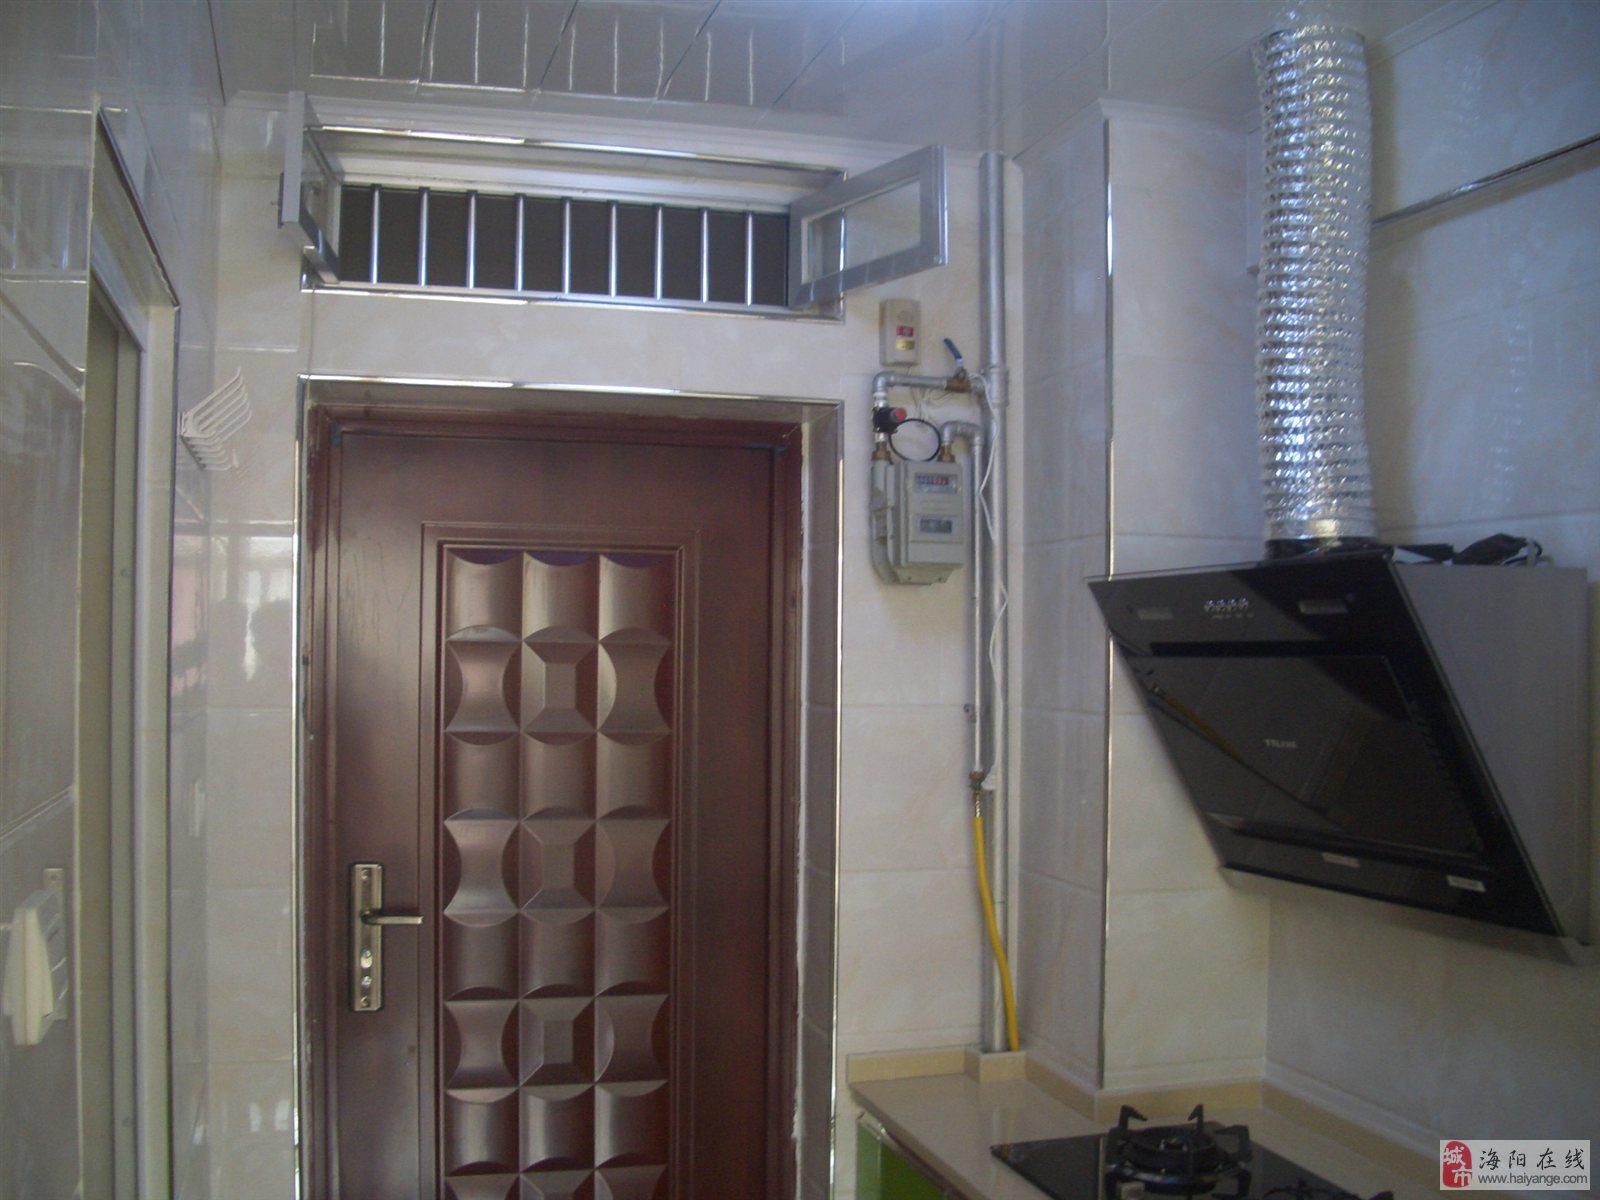 聚龙国际公寓精装修电梯房一室一厅